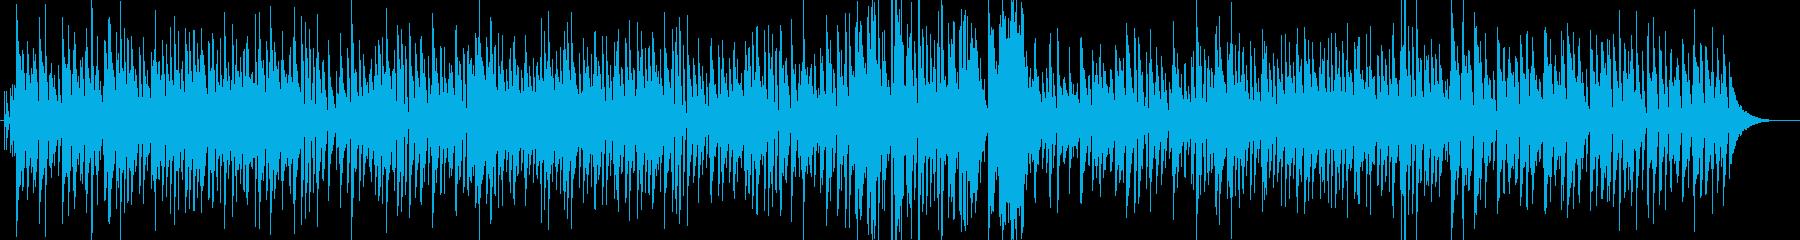 クリスマスおしゃれピアノジャズ飼い葉の桶の再生済みの波形